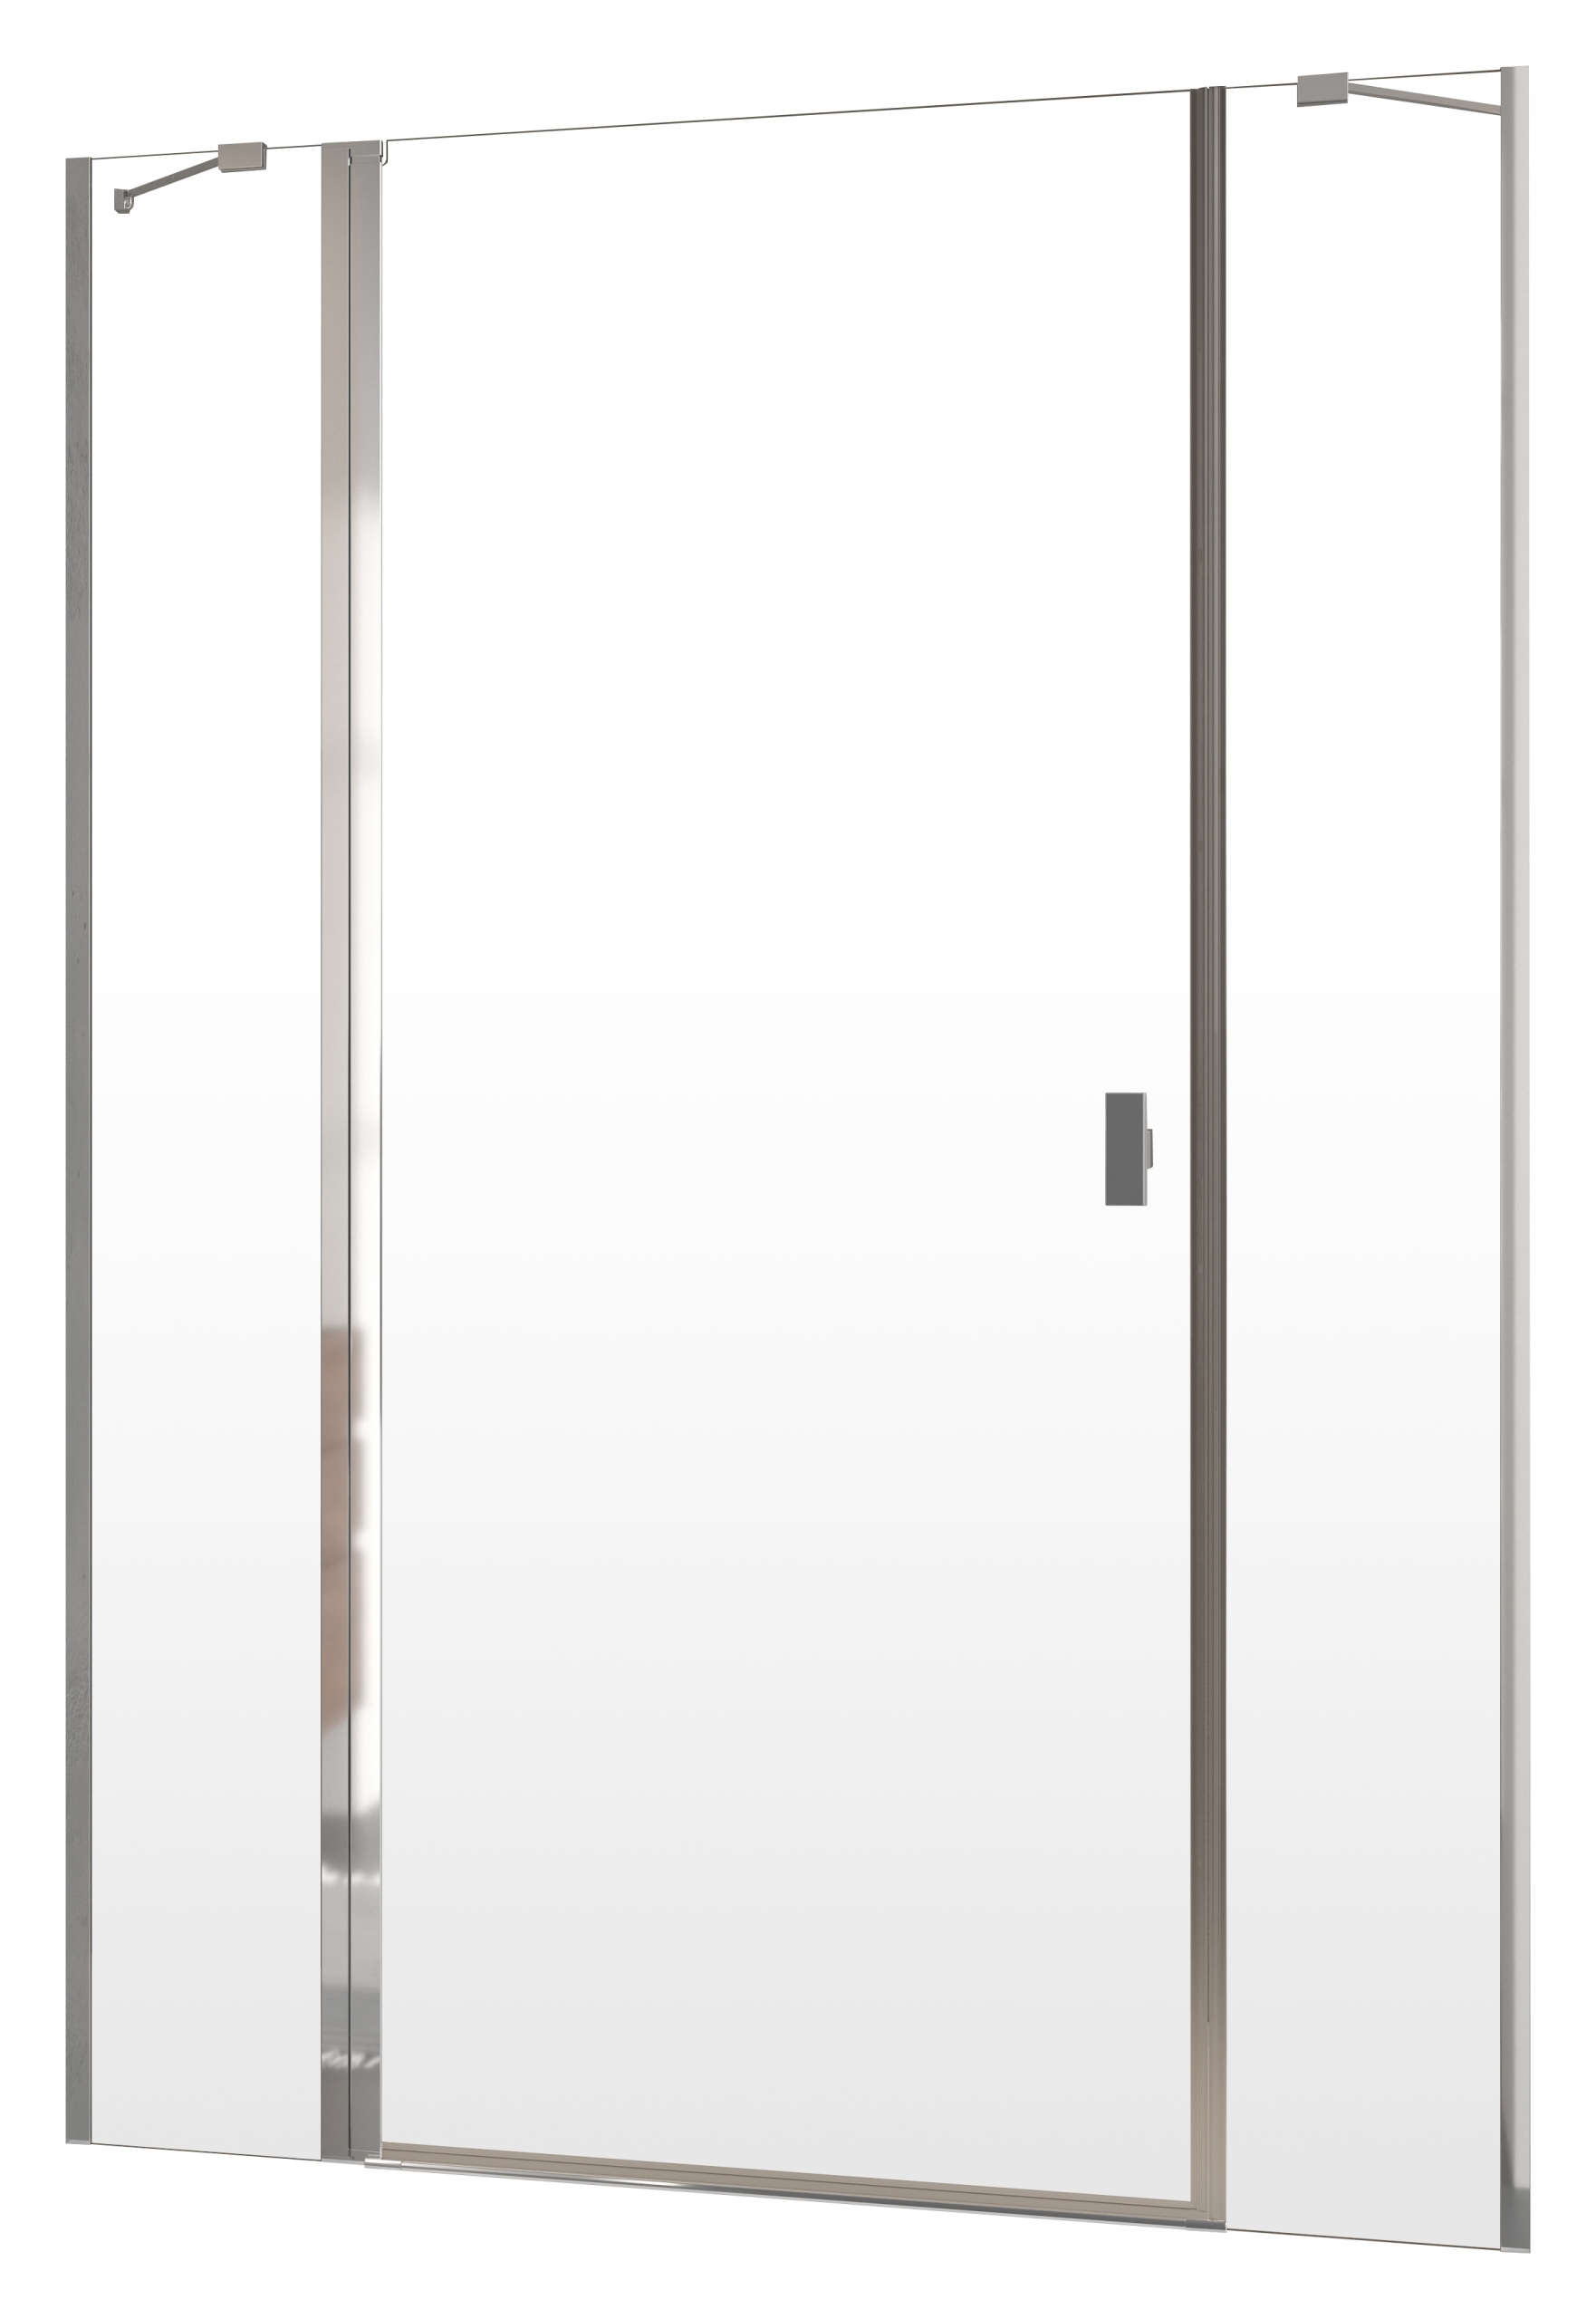 Sprchové dvere NES DWJS 140x200 RADAWAY